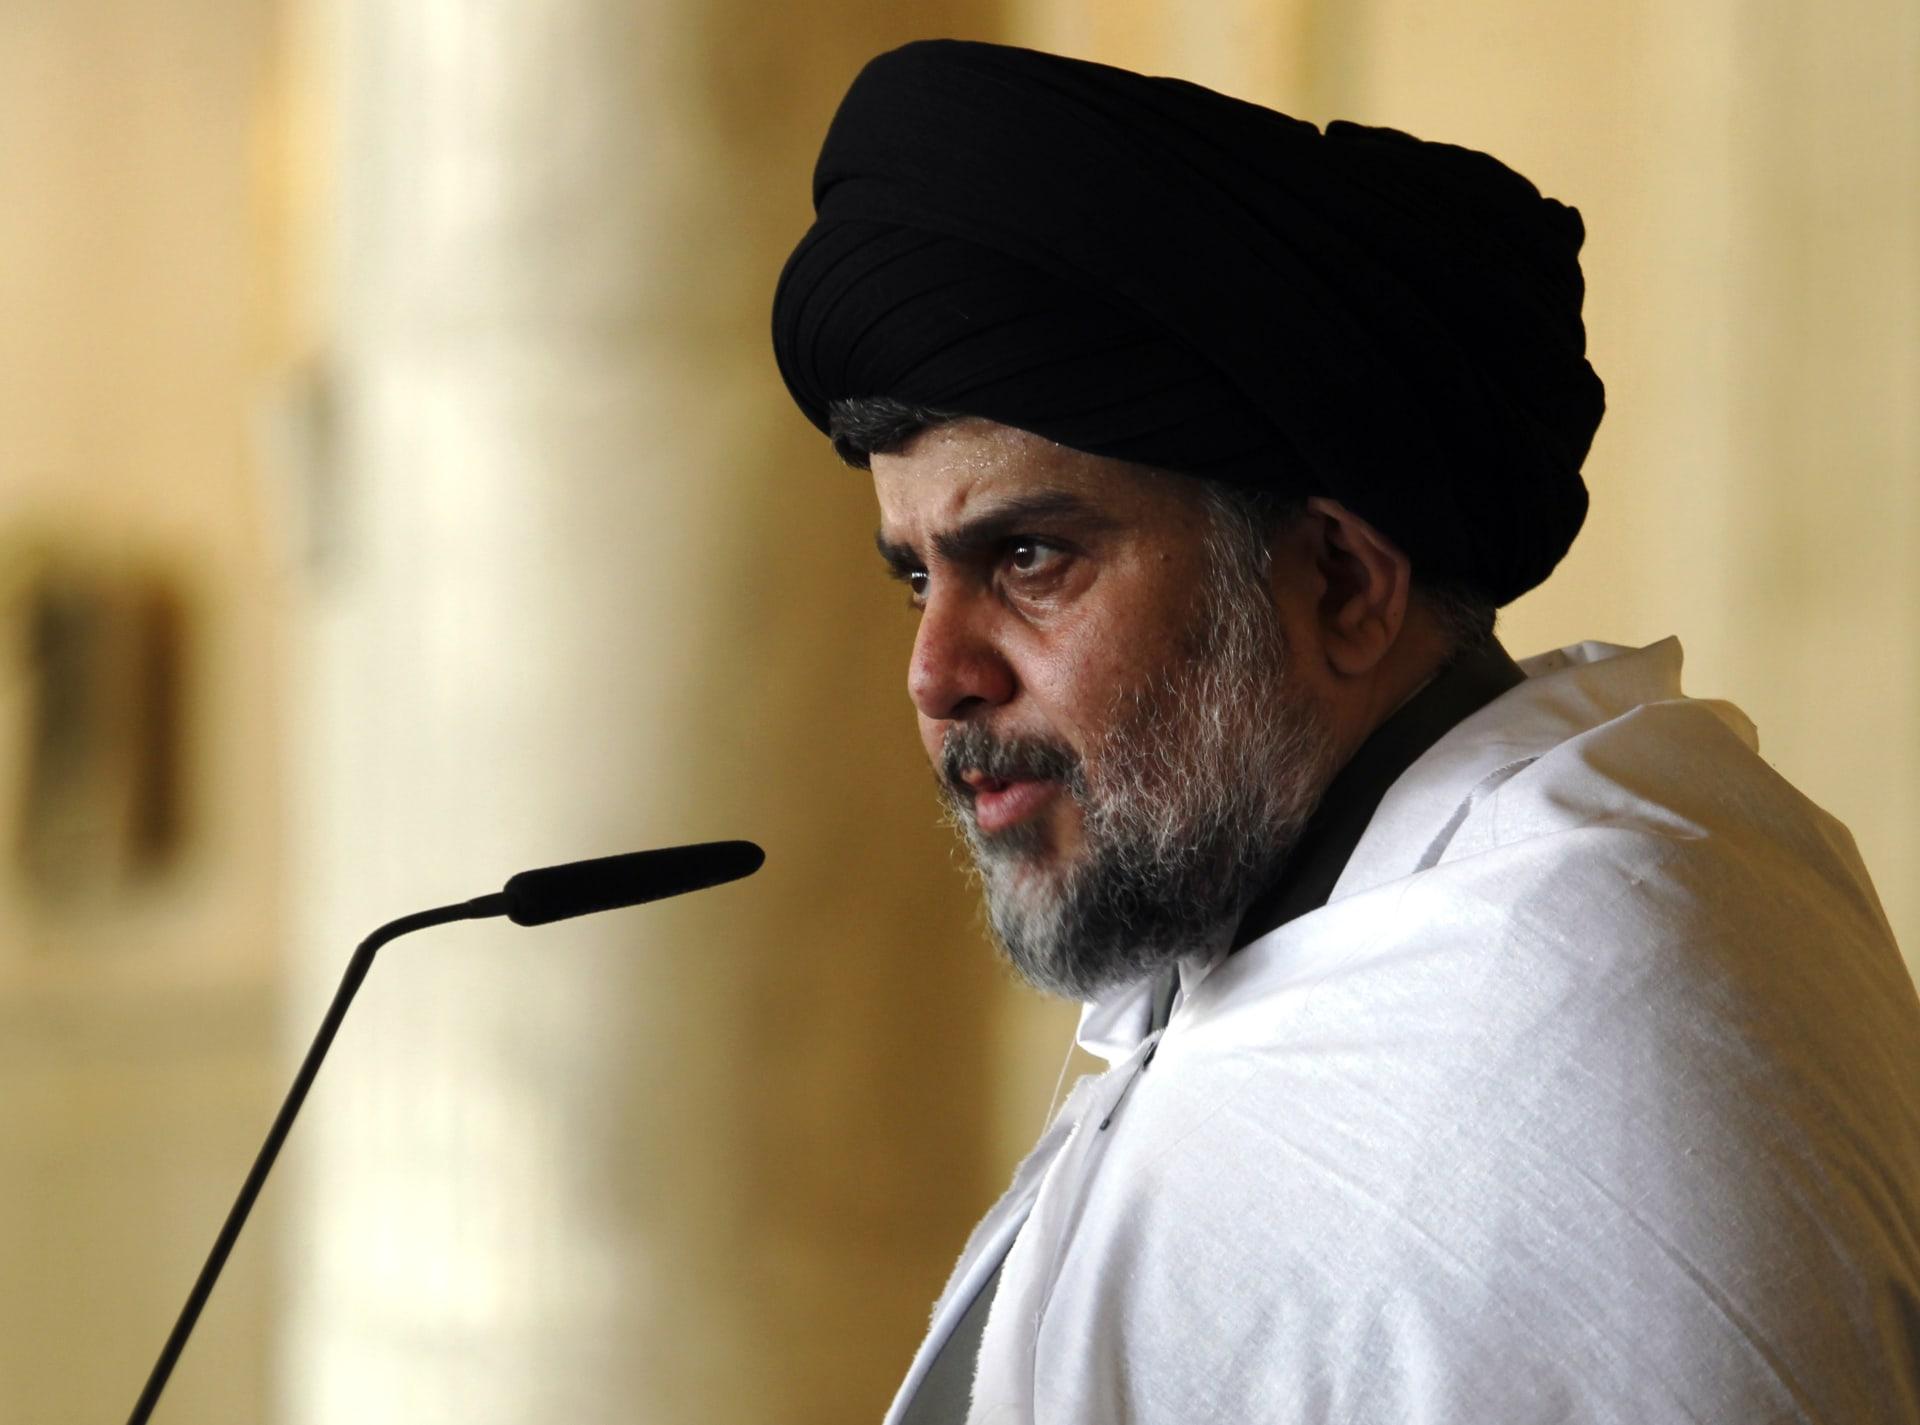 مقتدى الصدر يدعو العراقيين للصوم تضامنا مع الأسرى الفلسطينيين